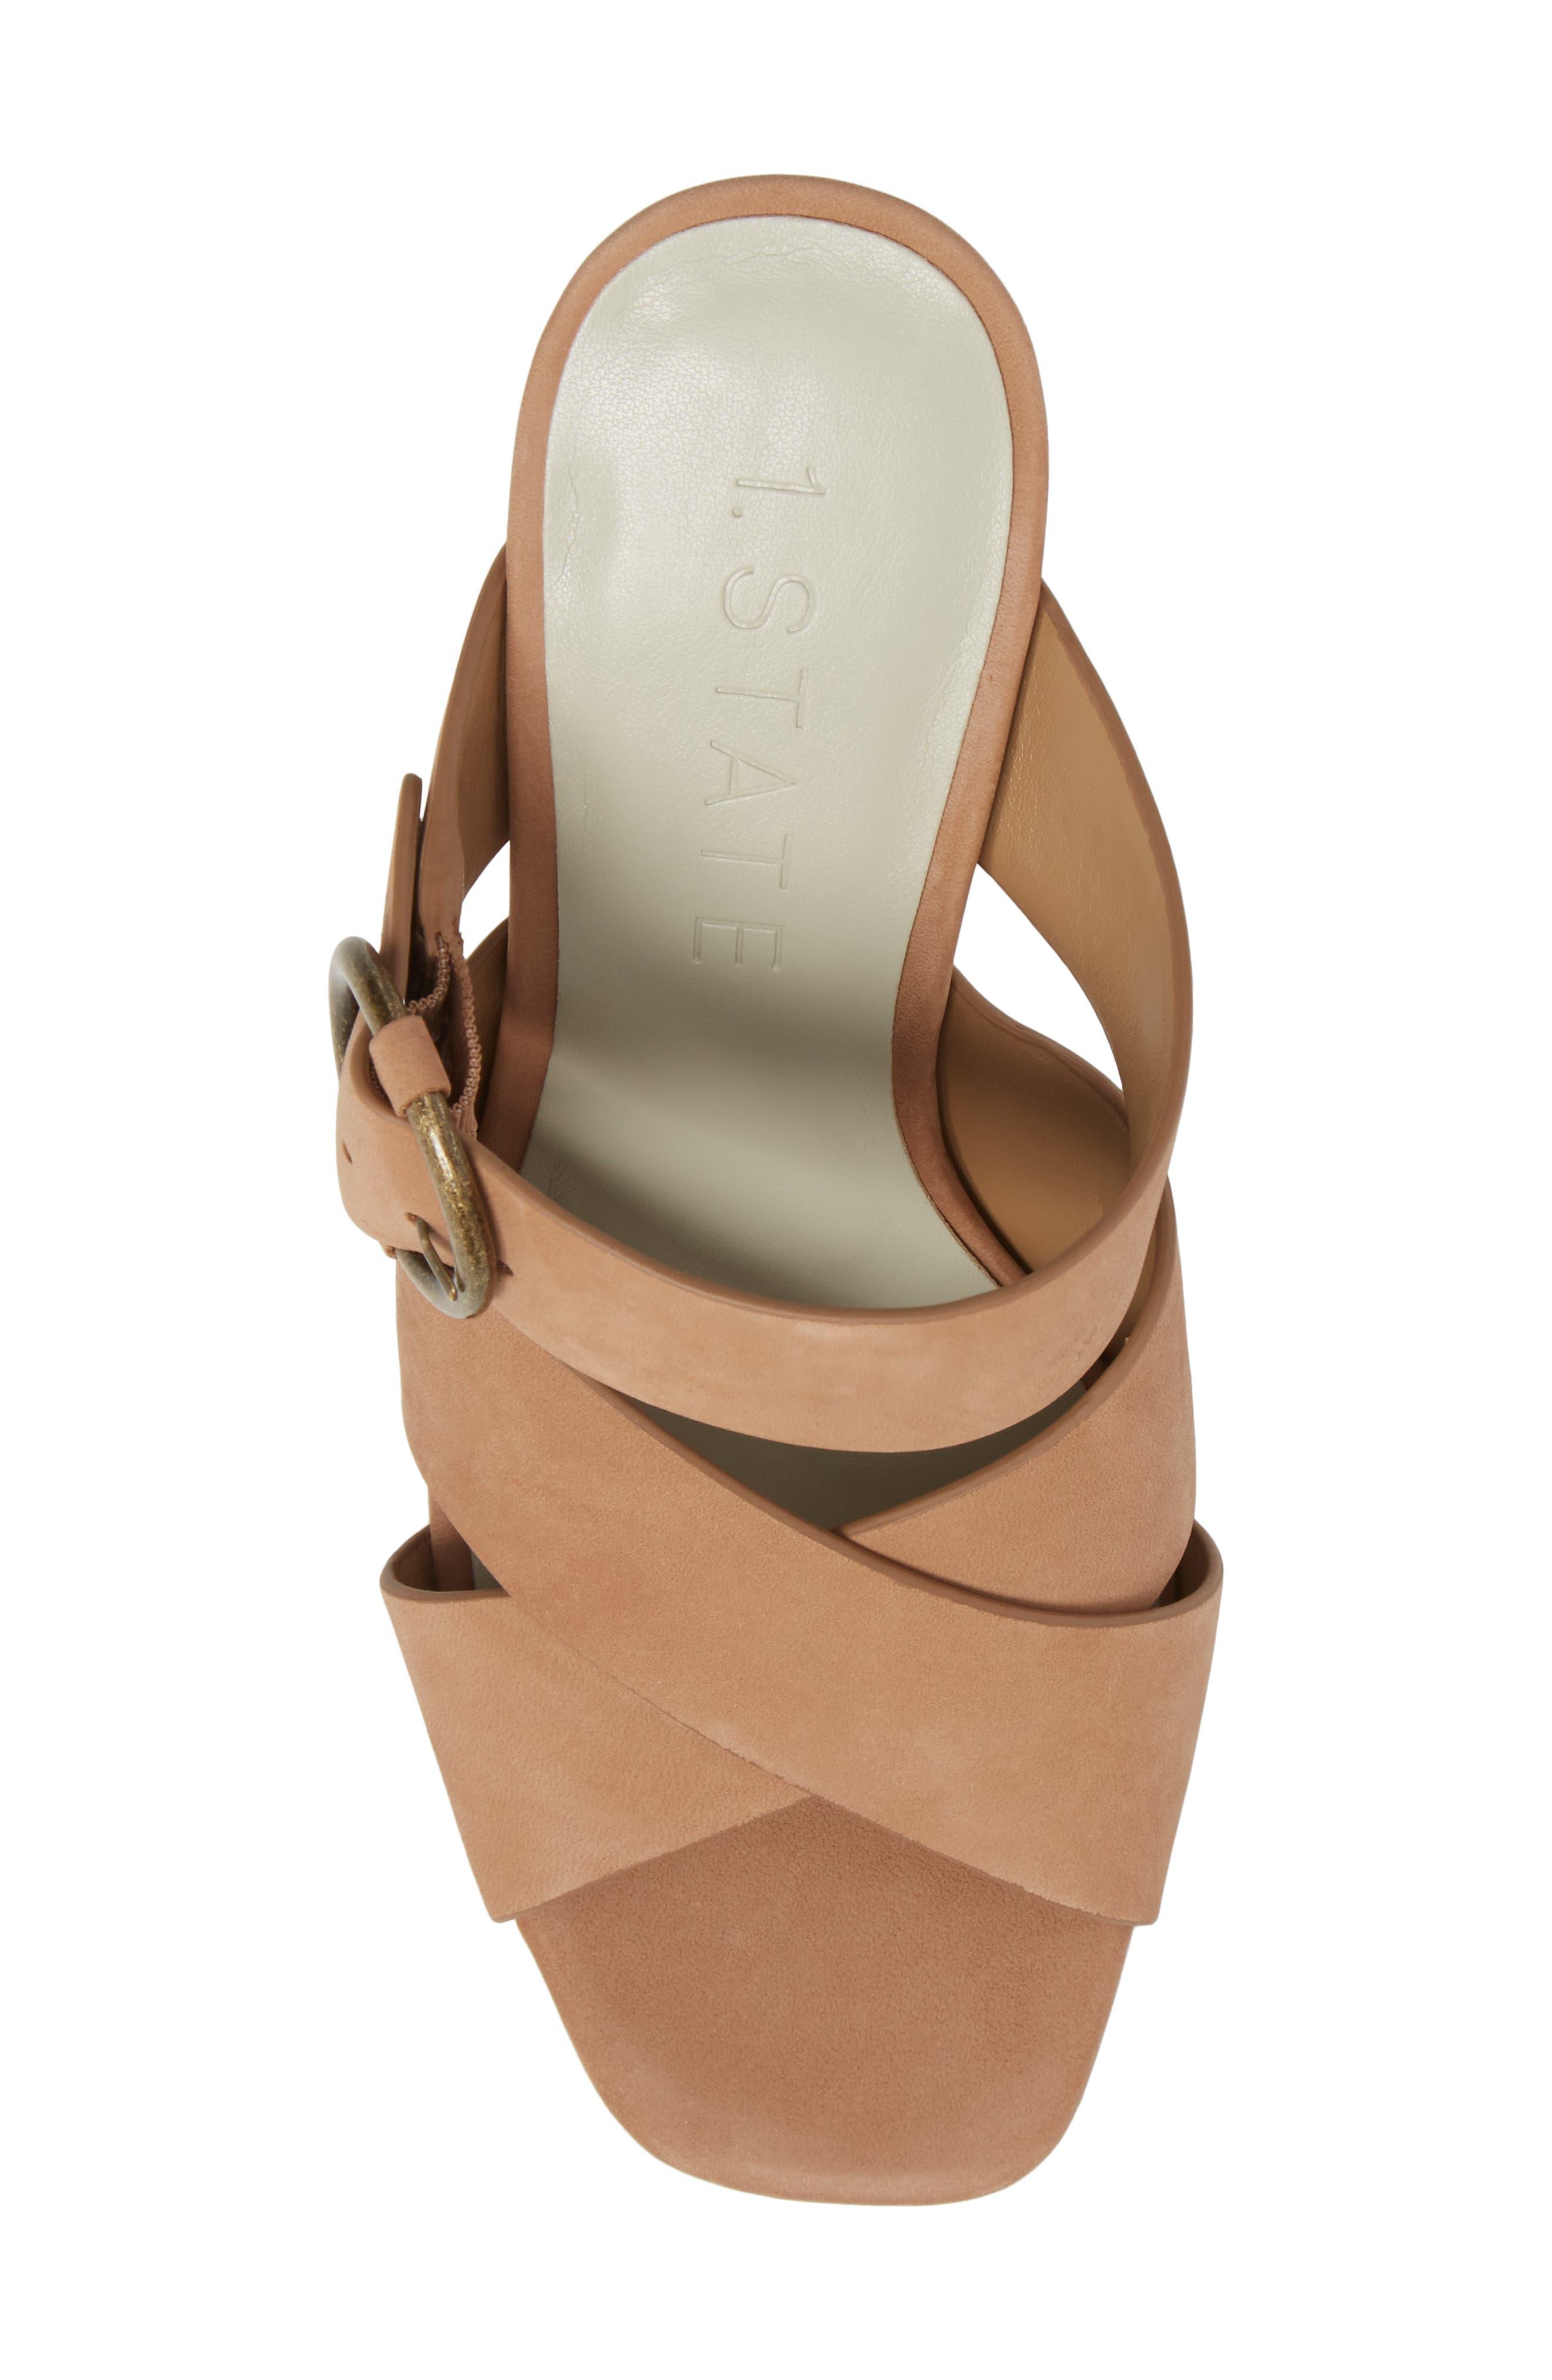 Icendra Flared Heel Mule Sandal,                             Alternate thumbnail 5, color,                             Teak Leather